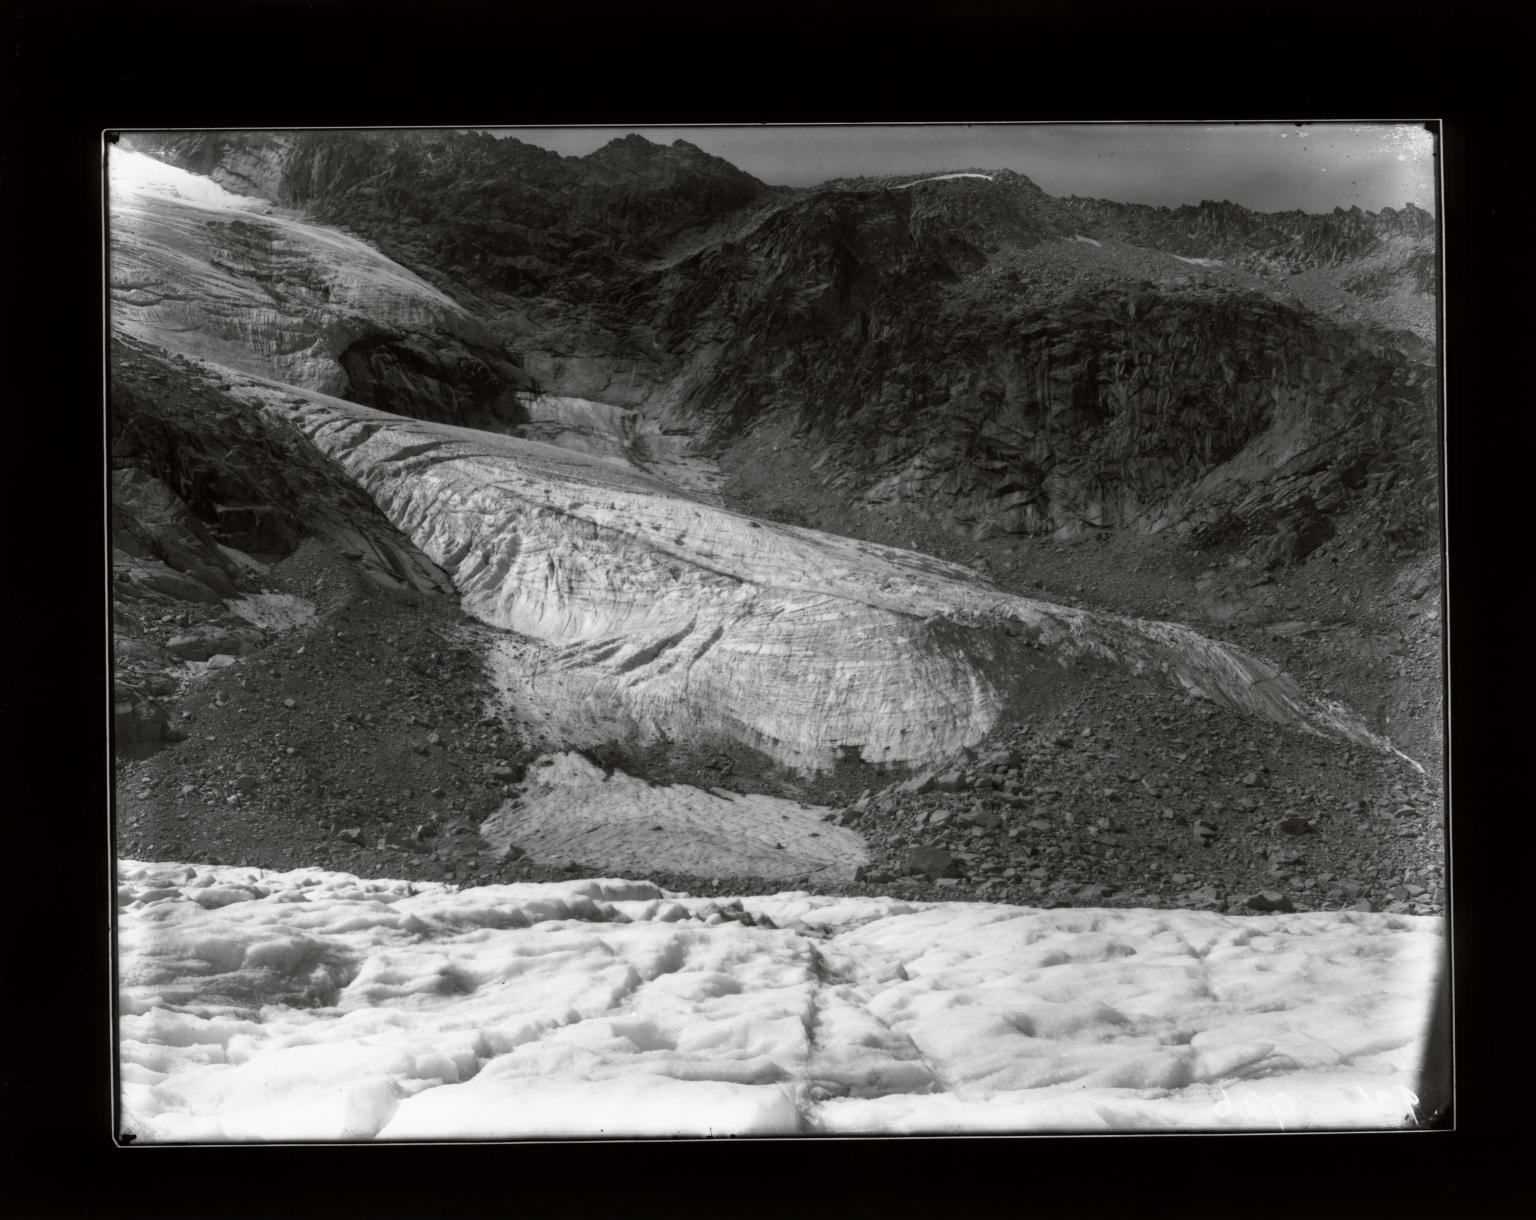 Unknown glacier, Switzerland